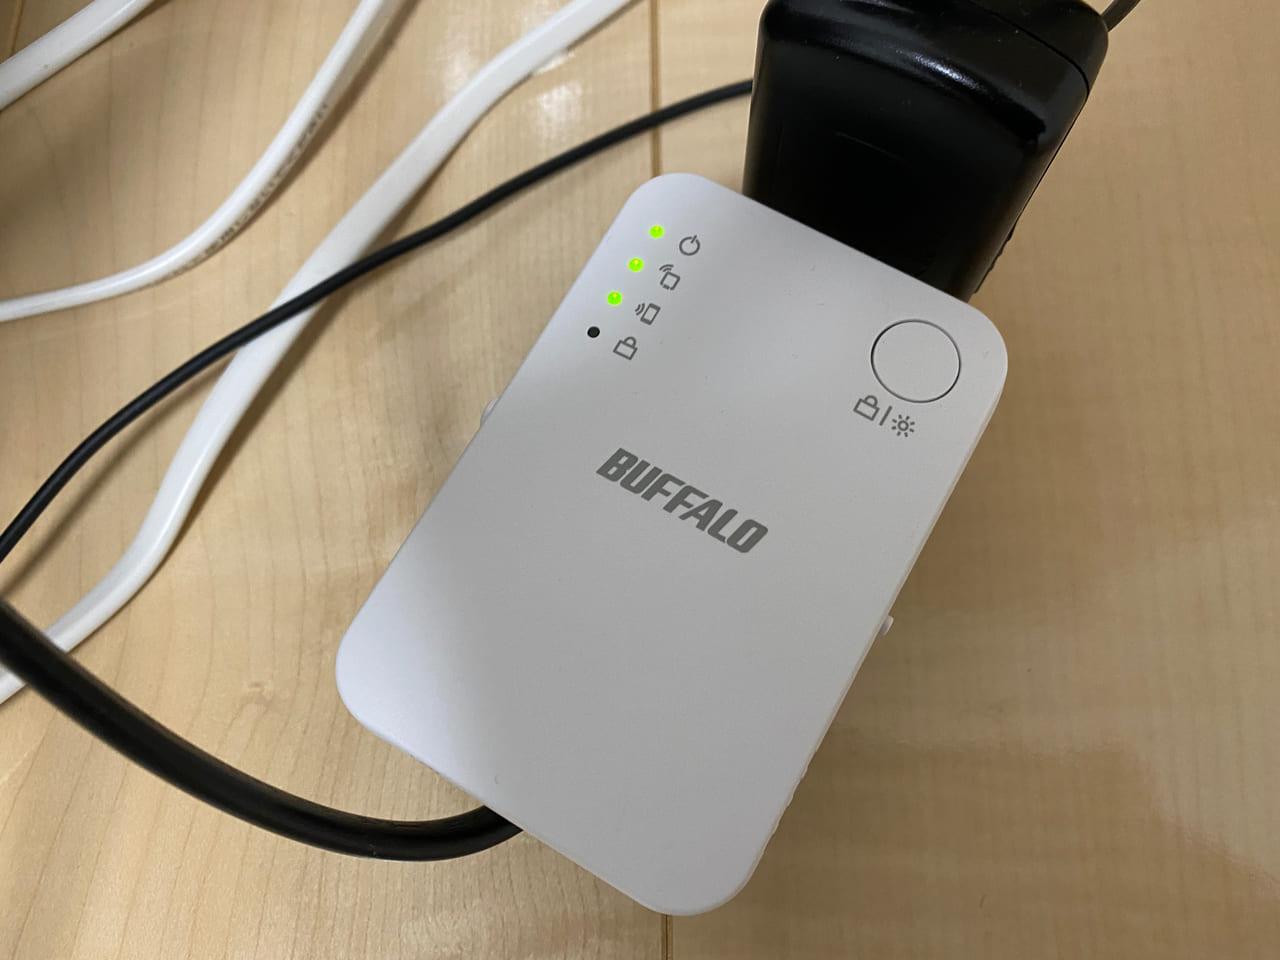 buffalo_wi-fi